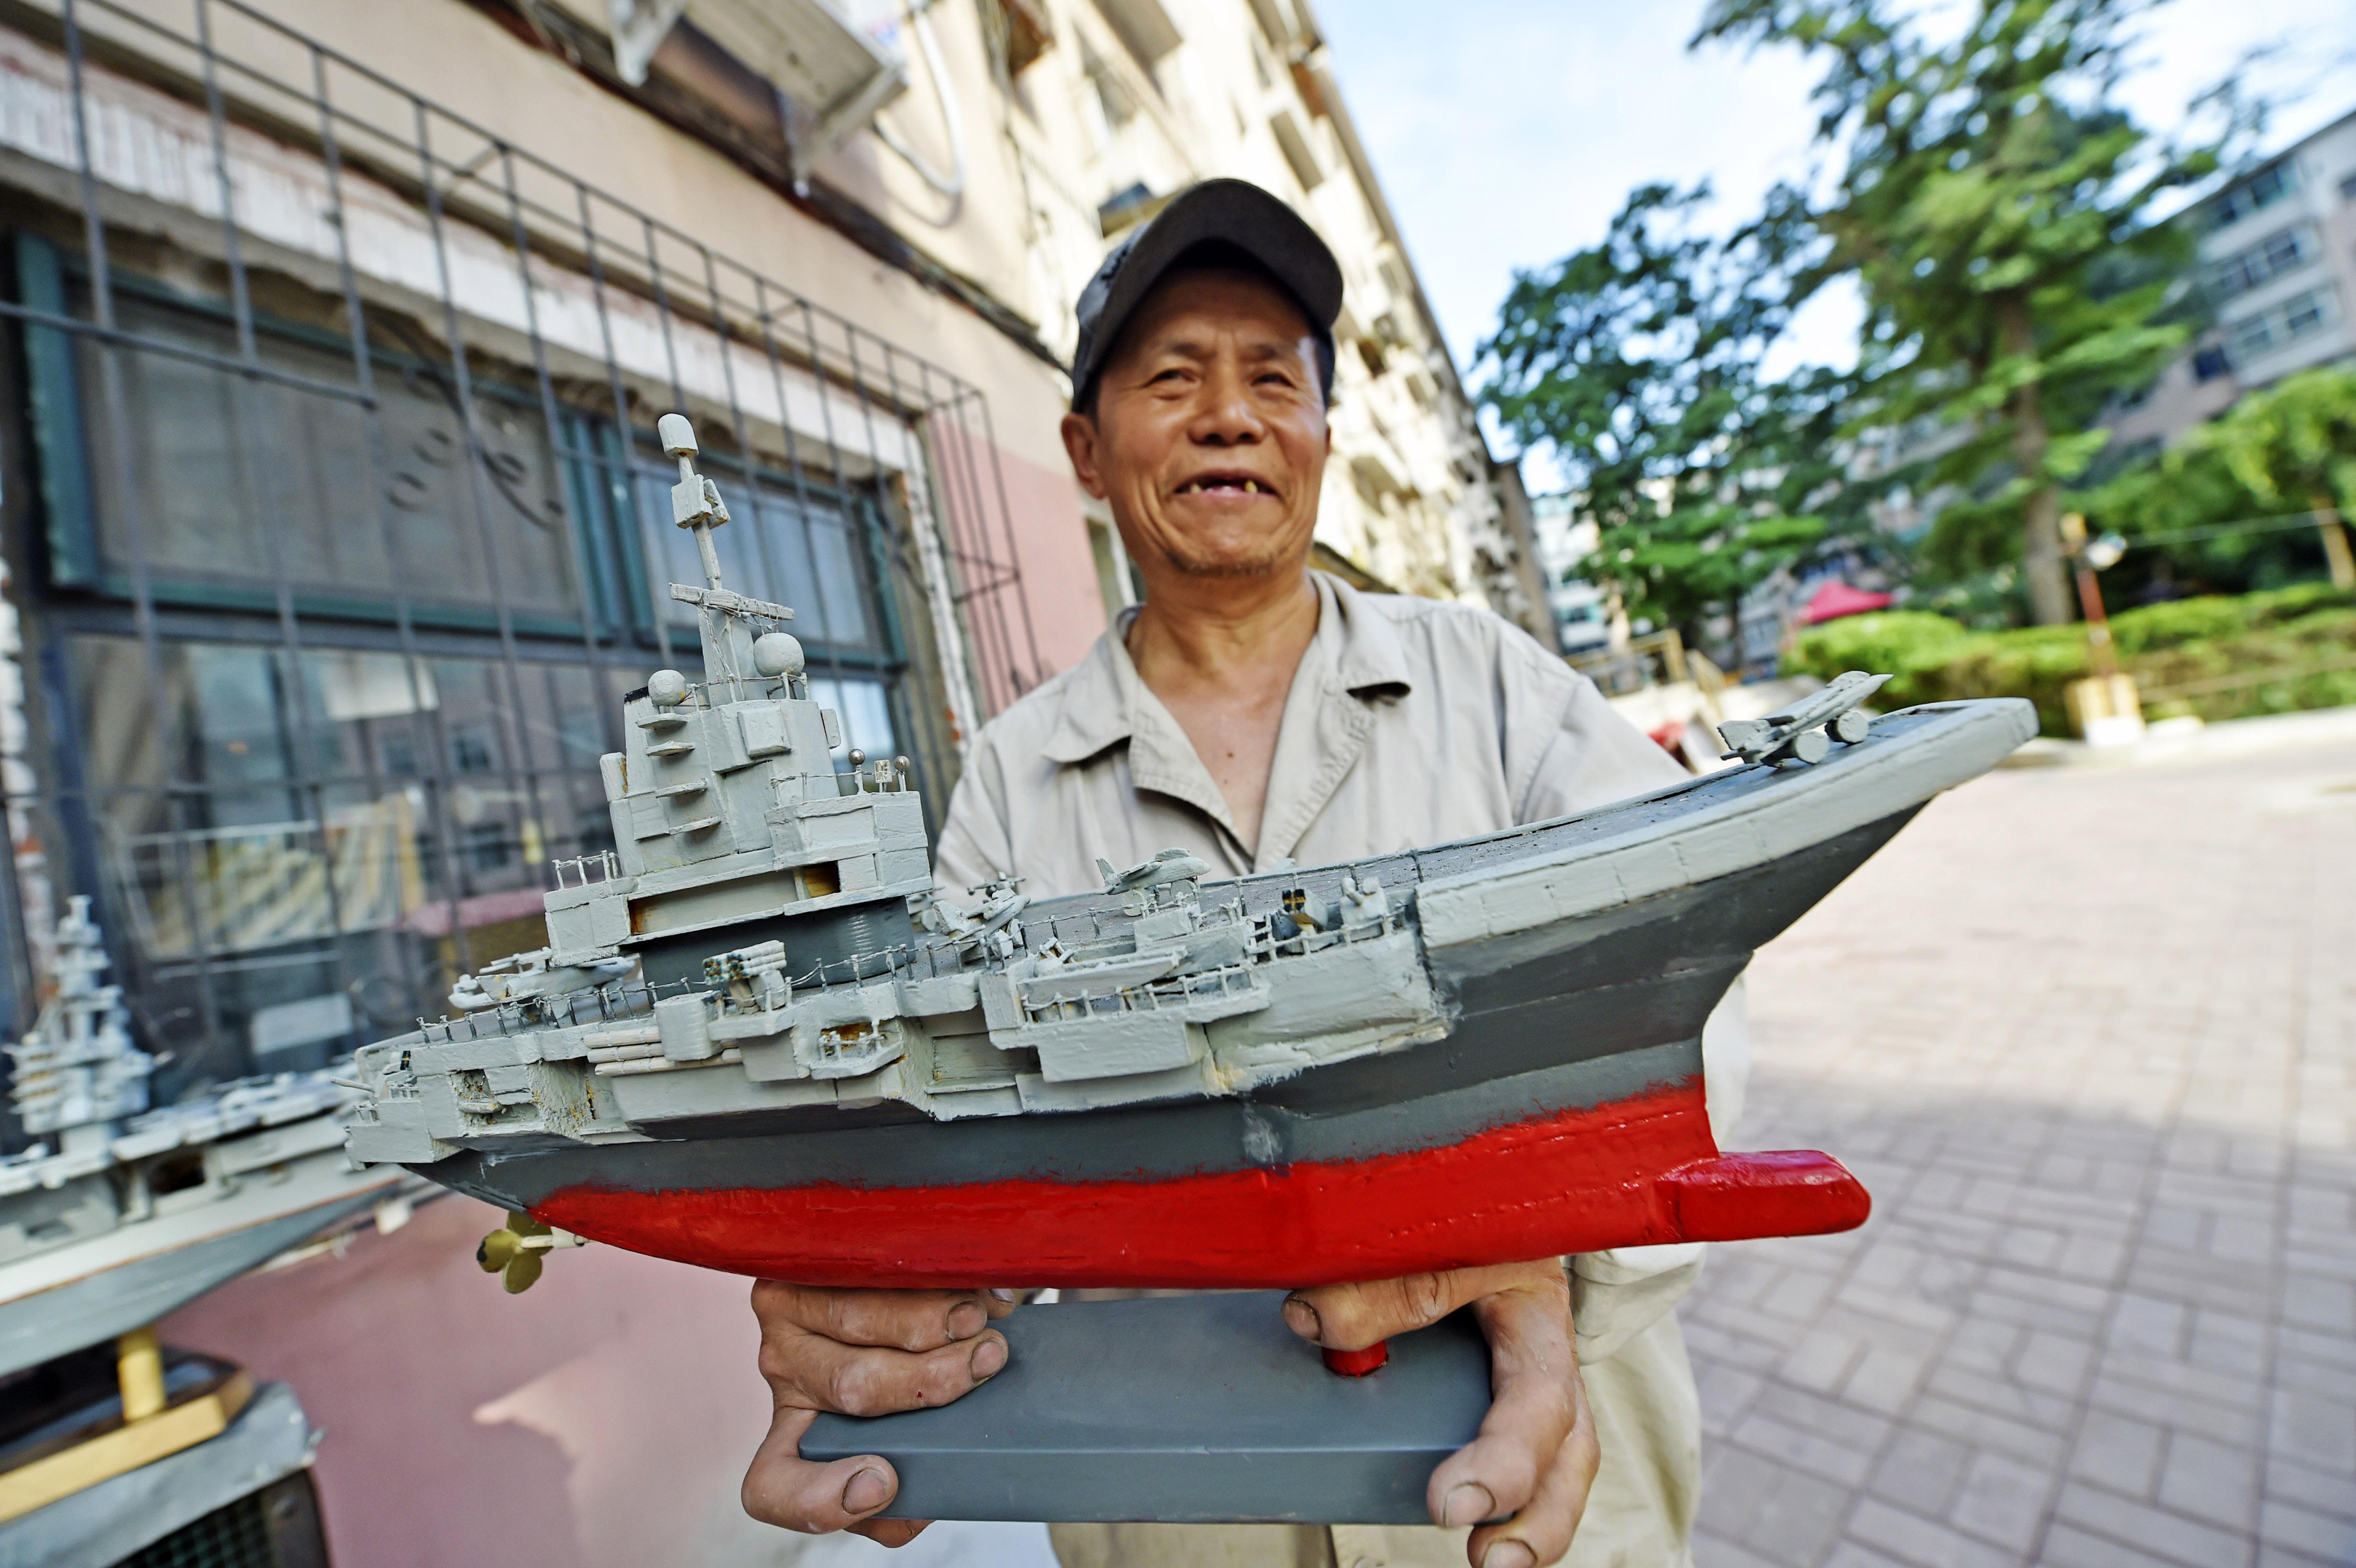 木工職人が空母の模型を制作 遼寧省本渓市